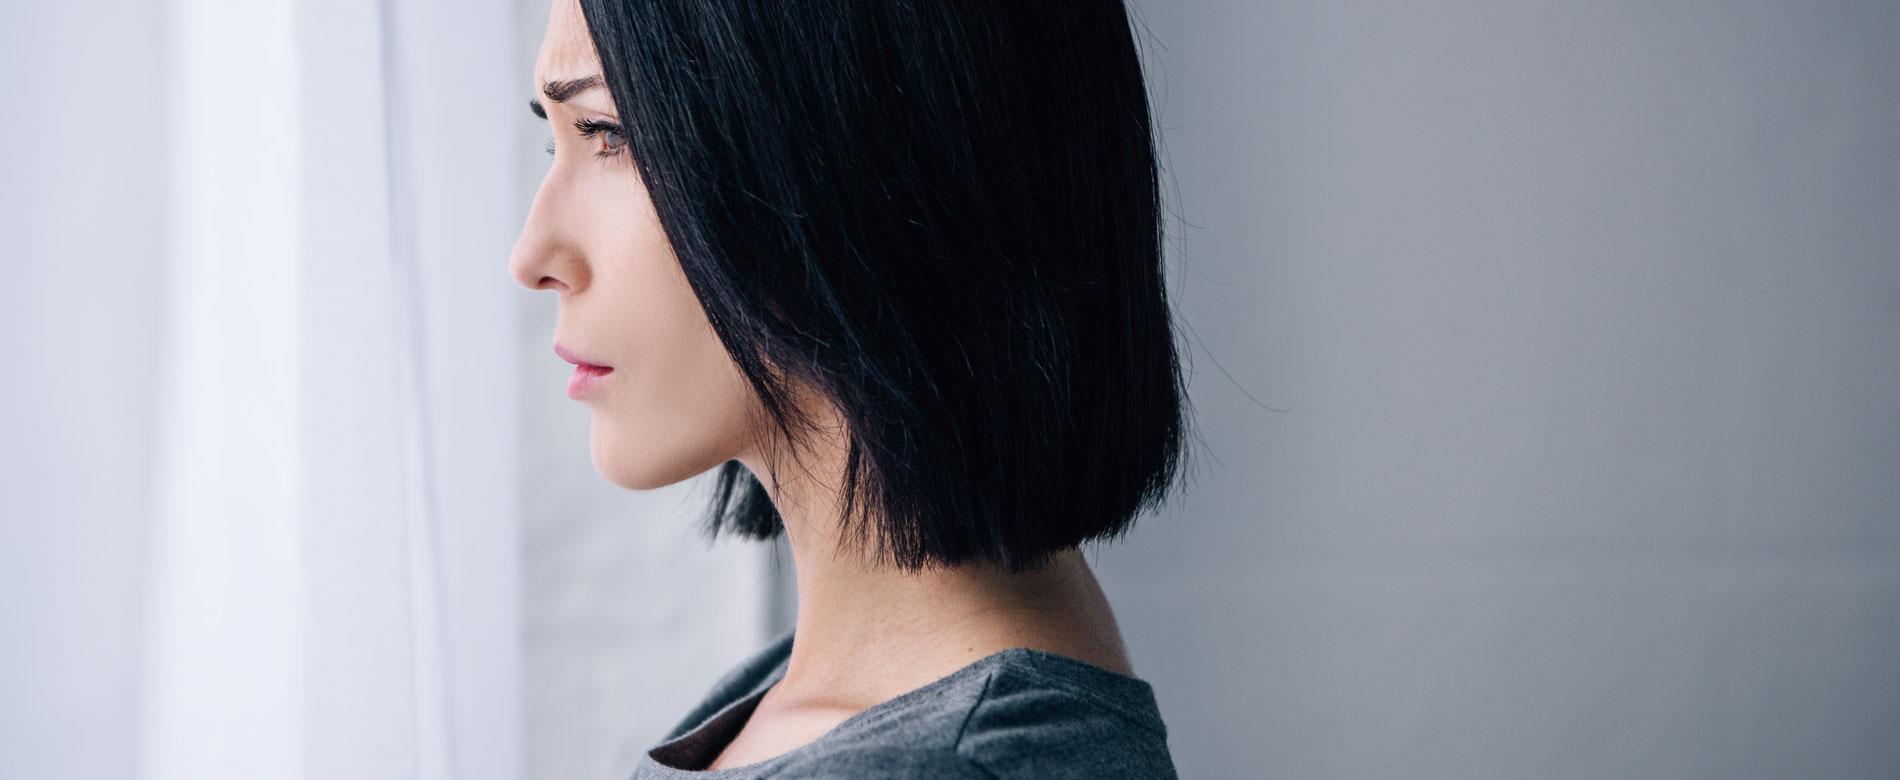 Resposta aos internautas: Sentimento e dúvidas